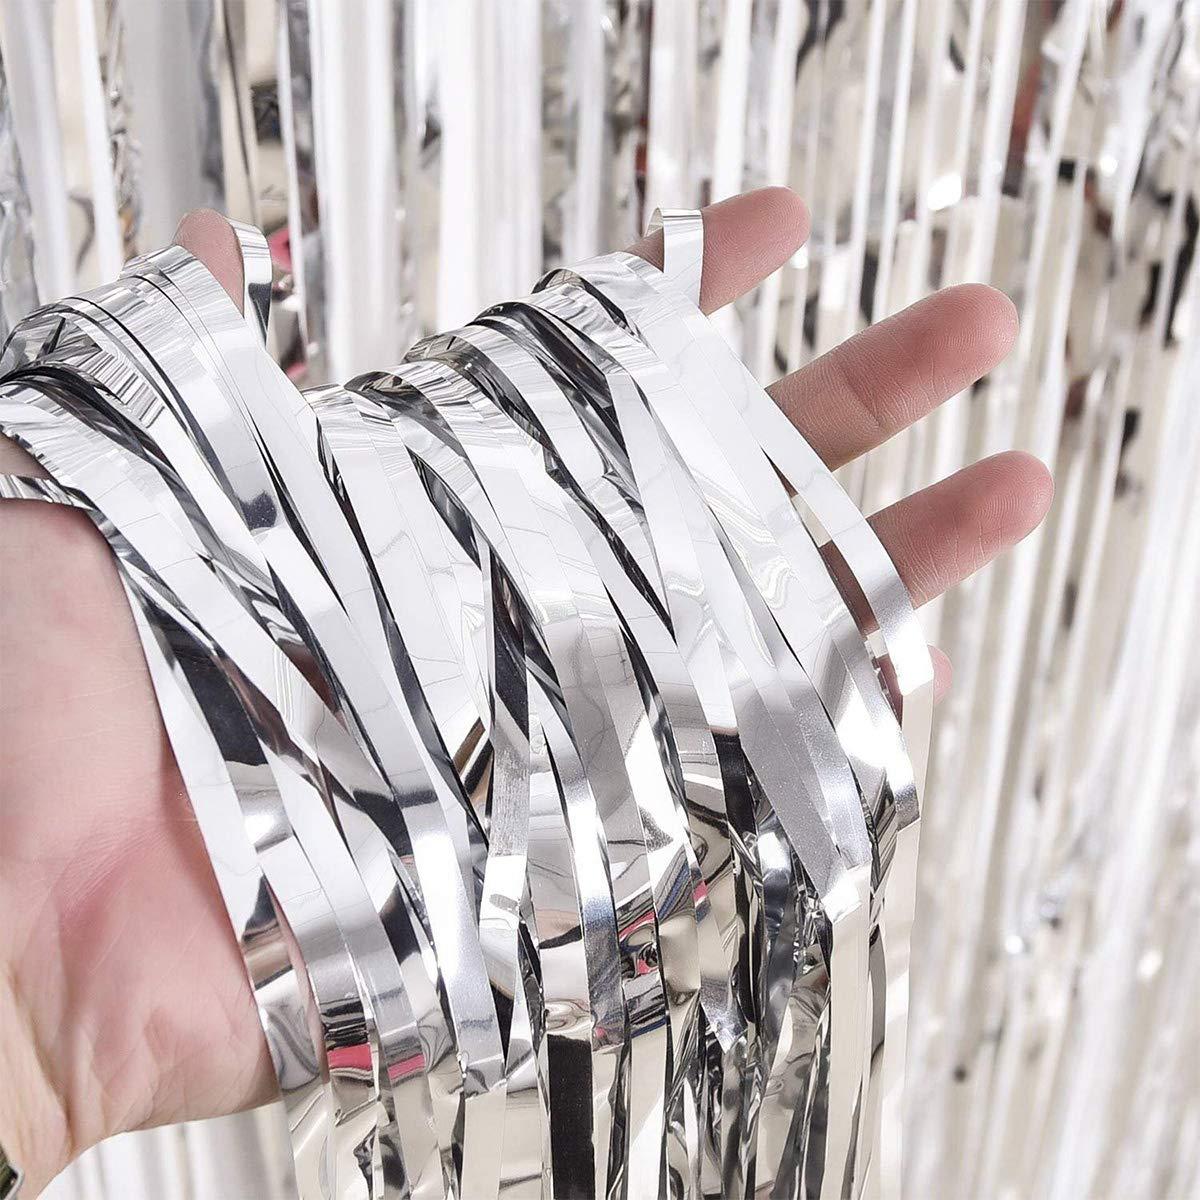 Aluminio Flecos Cortina para Boda Cumplea/ños Fiesta Puerta Ventanas Adornos Decoraci/ón 3 Piezas Cortinas Fiesta Cortina de Oropel Met/álica Foil Fringe Cortinas Oro Rosa